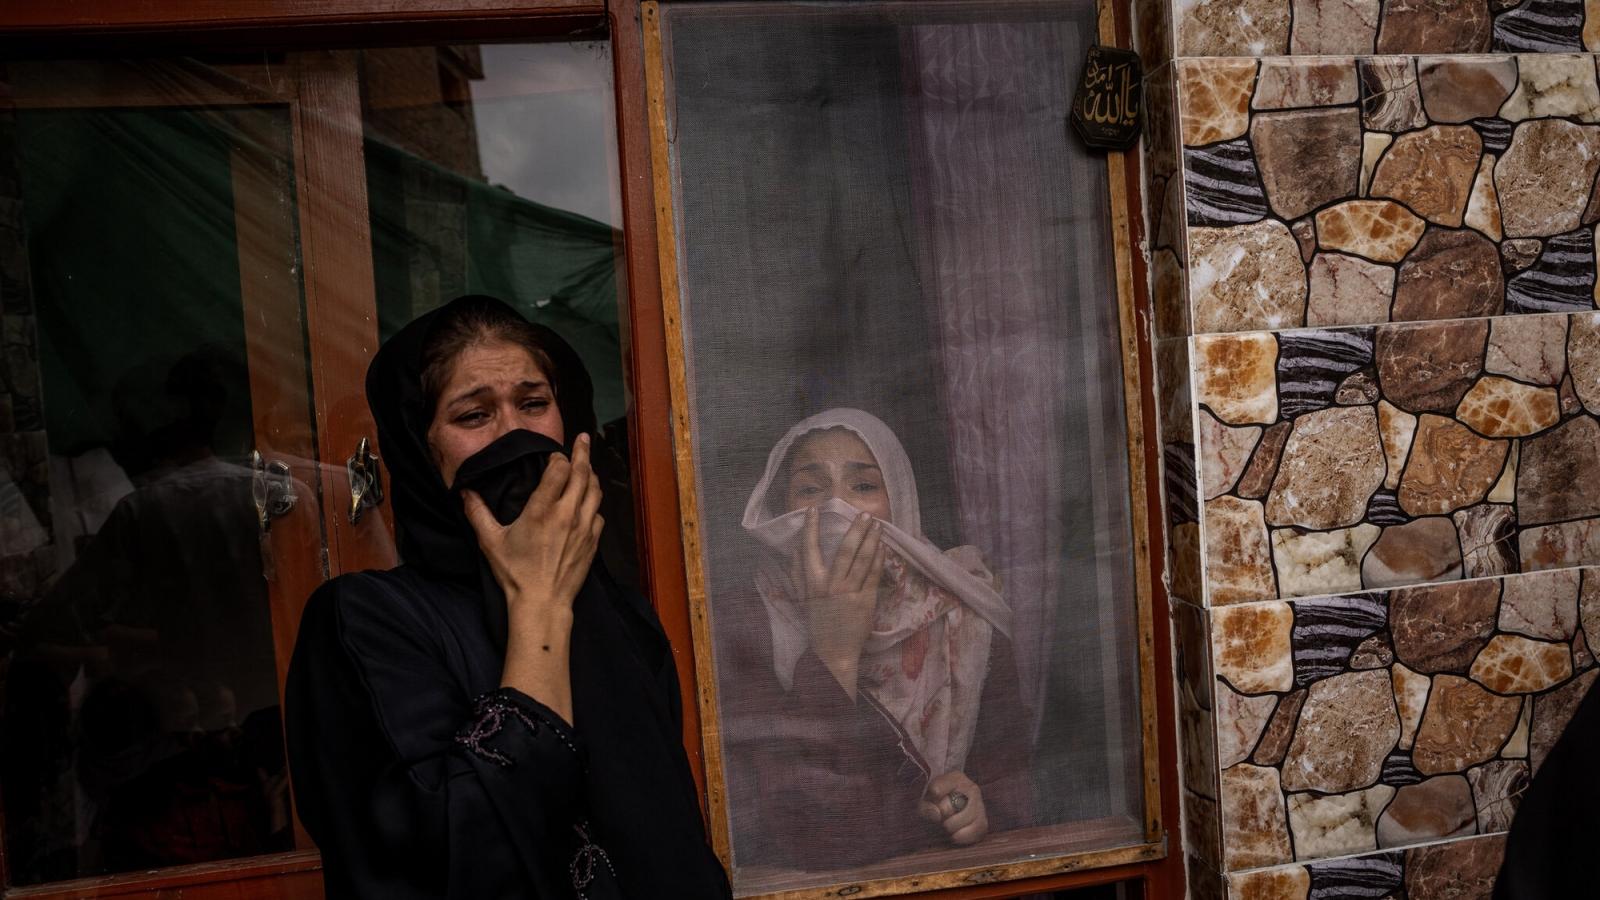 Quân đội Mỹ nhận sai lầm vụ tấn công khiến 10 thường dân Afghanistan thiệt mạng